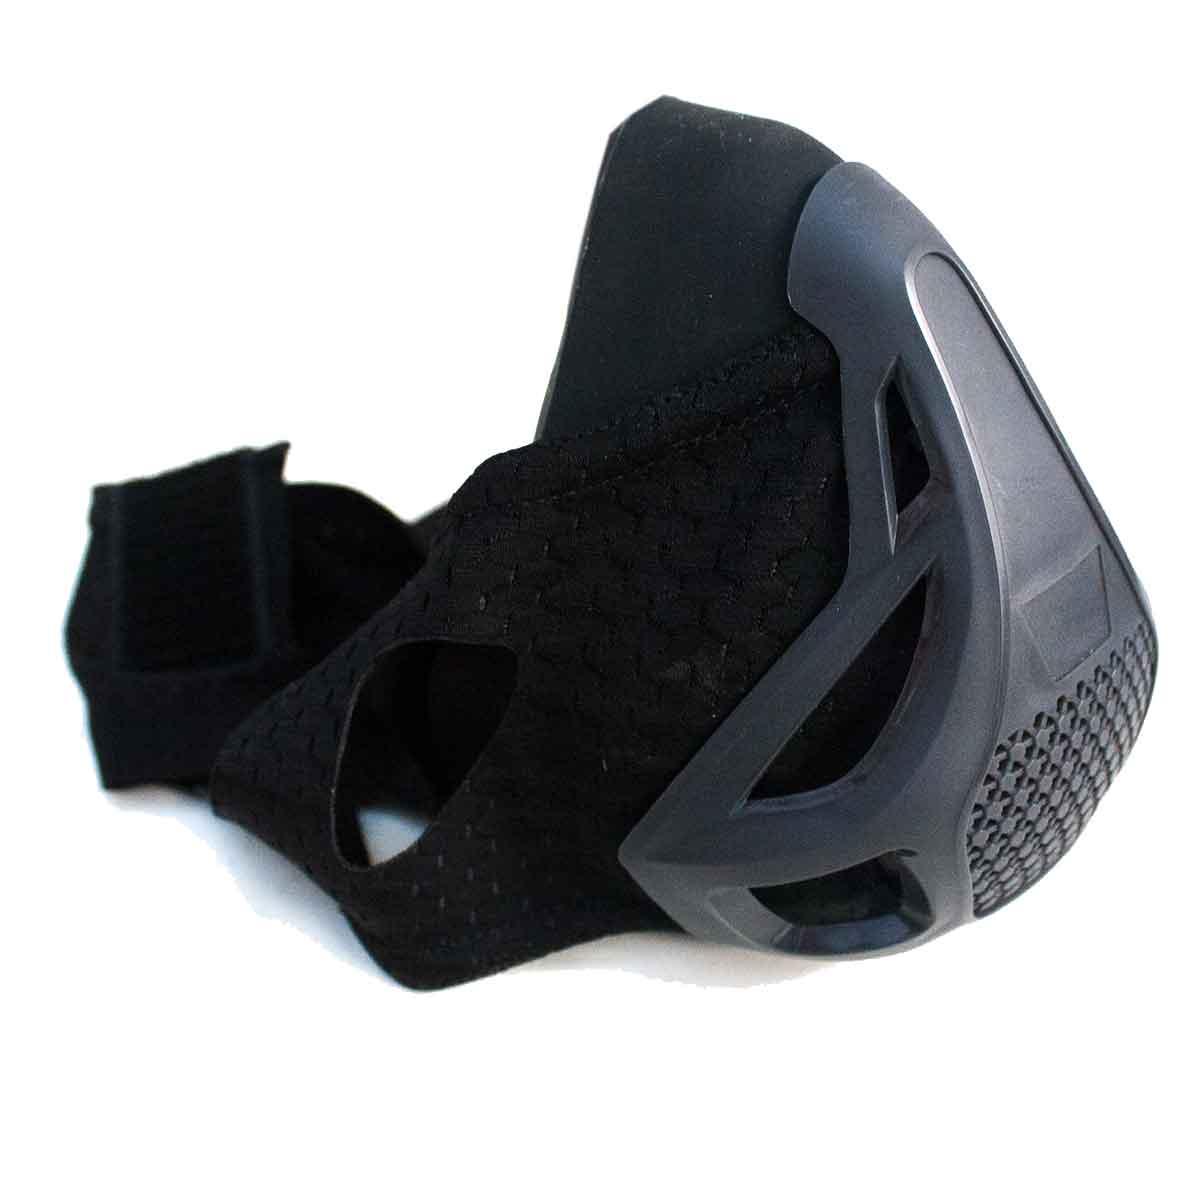 Máscara De Treino Training Mask Altitude Crossfit Mma 3.0